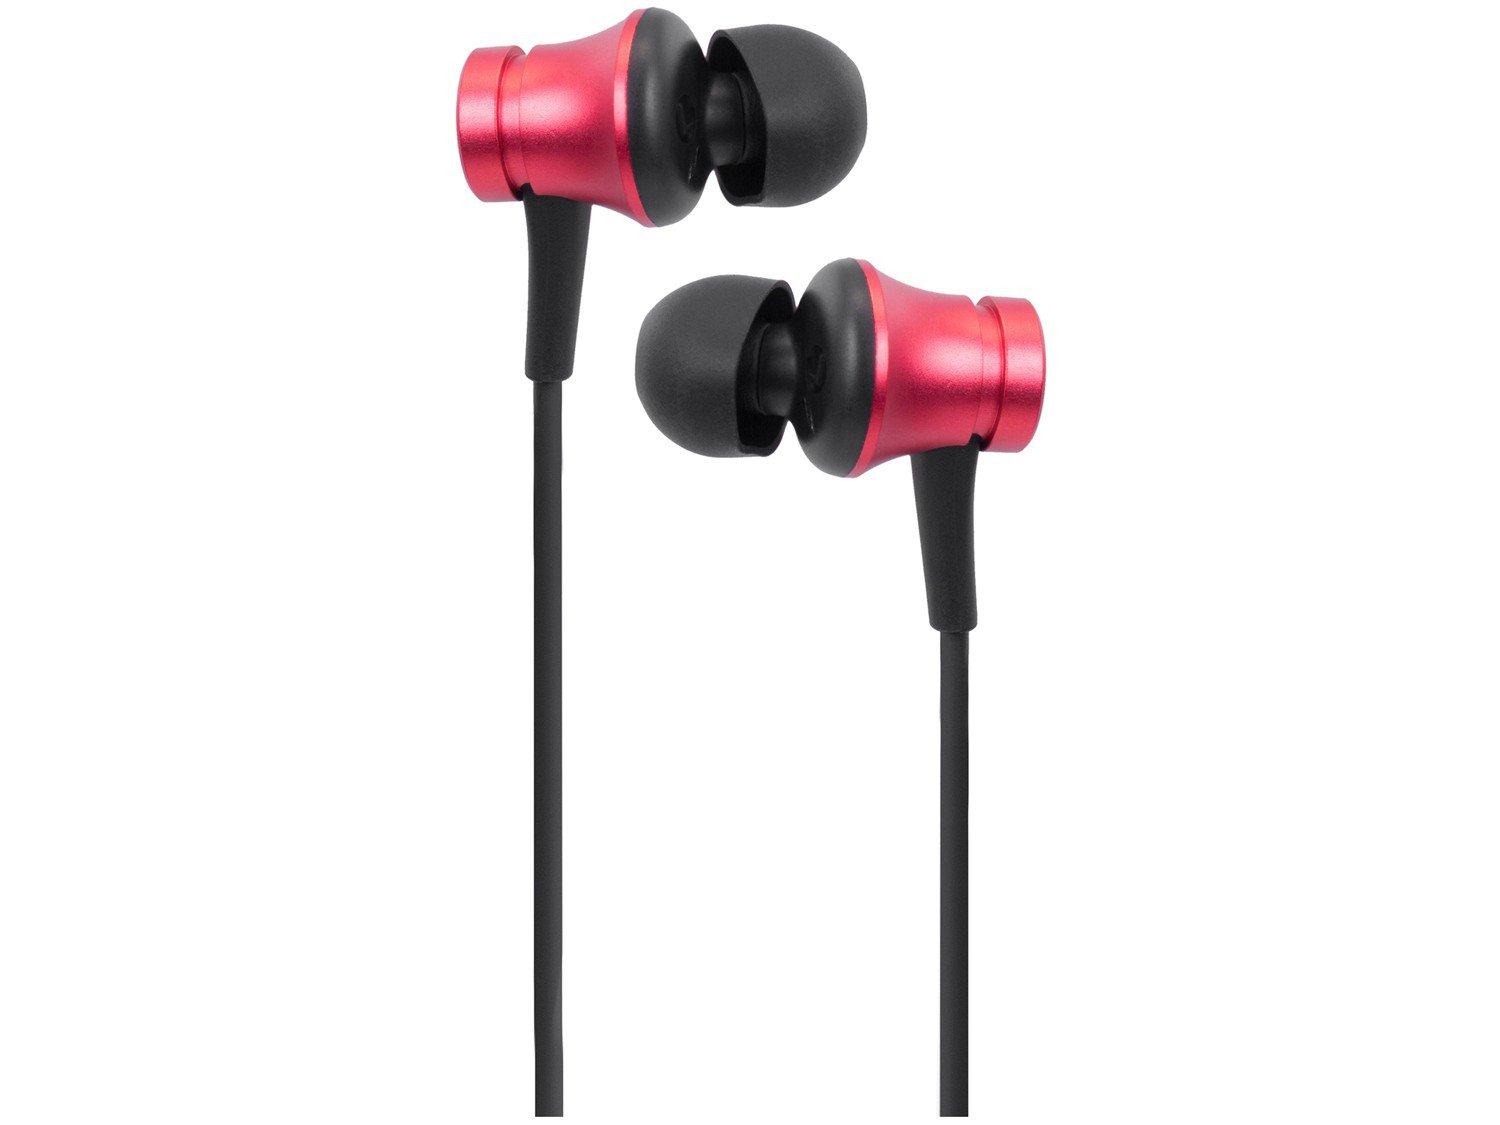 Fone de Ouvido Xiaomi XM274VER Intra-auricular - com Microfone Vermelho - 1